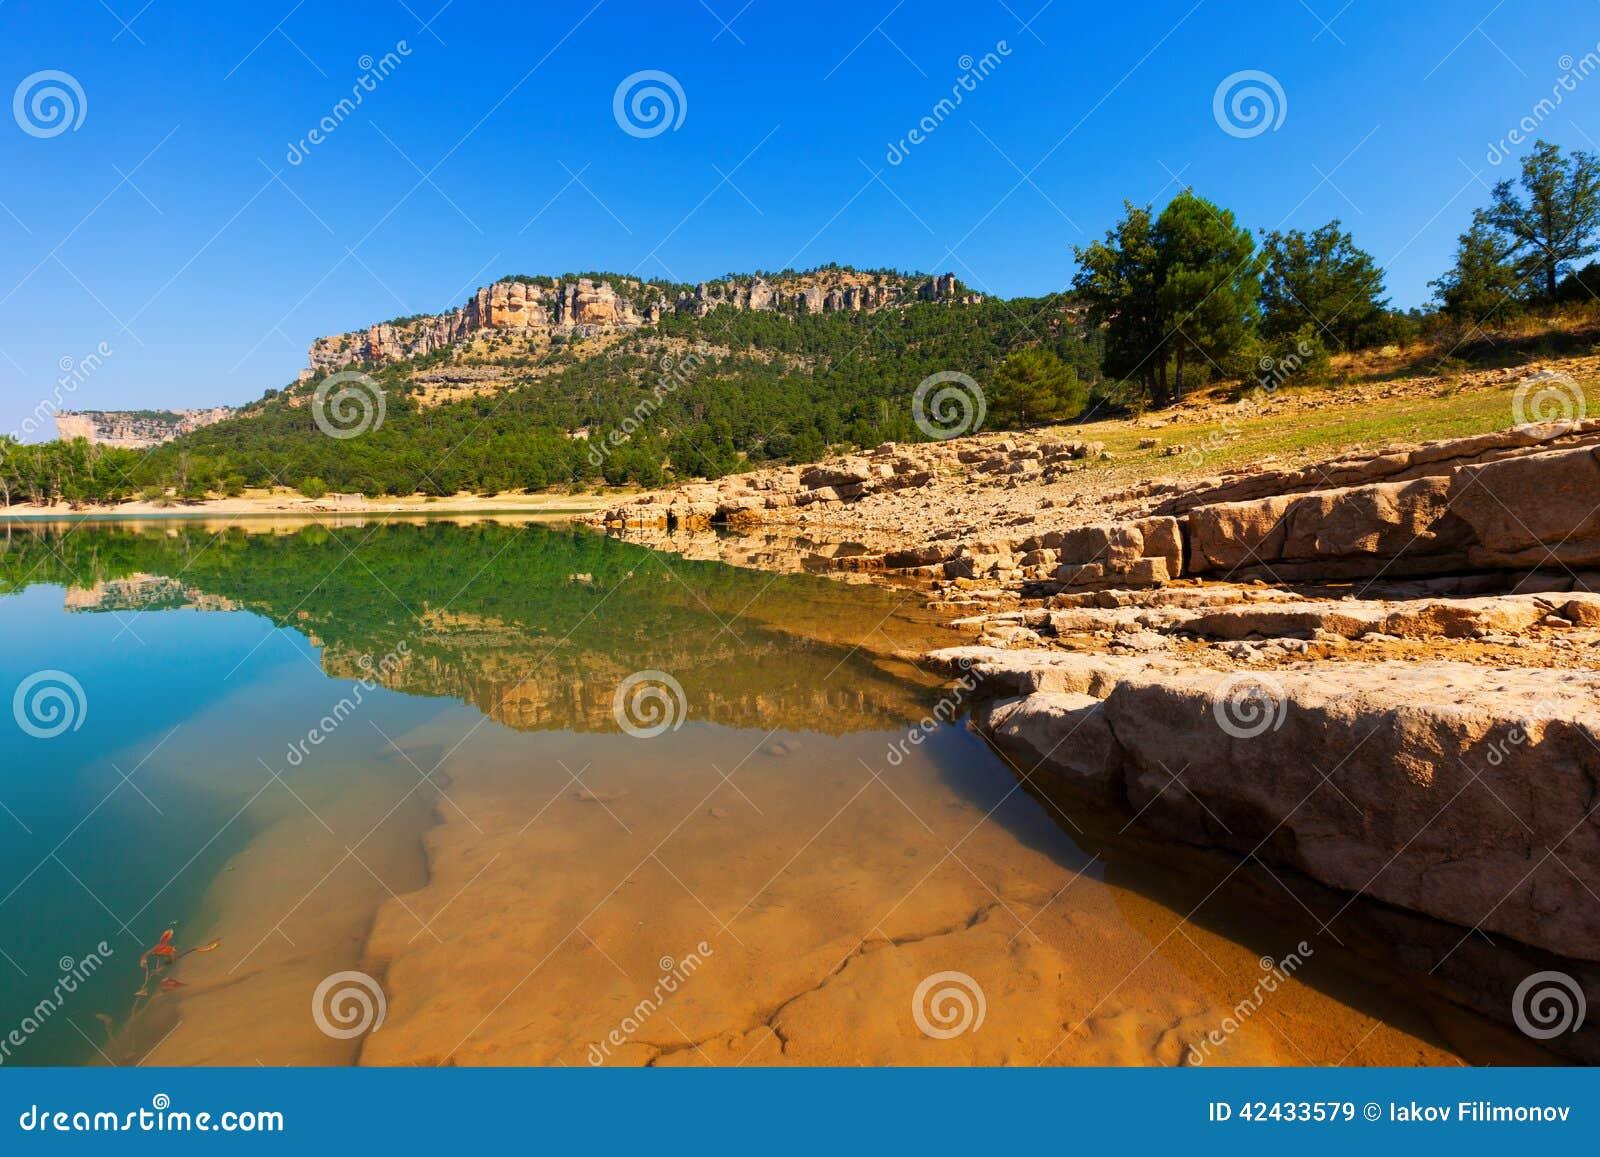 Depósito de Toba en Serrania de Cuenca en verano